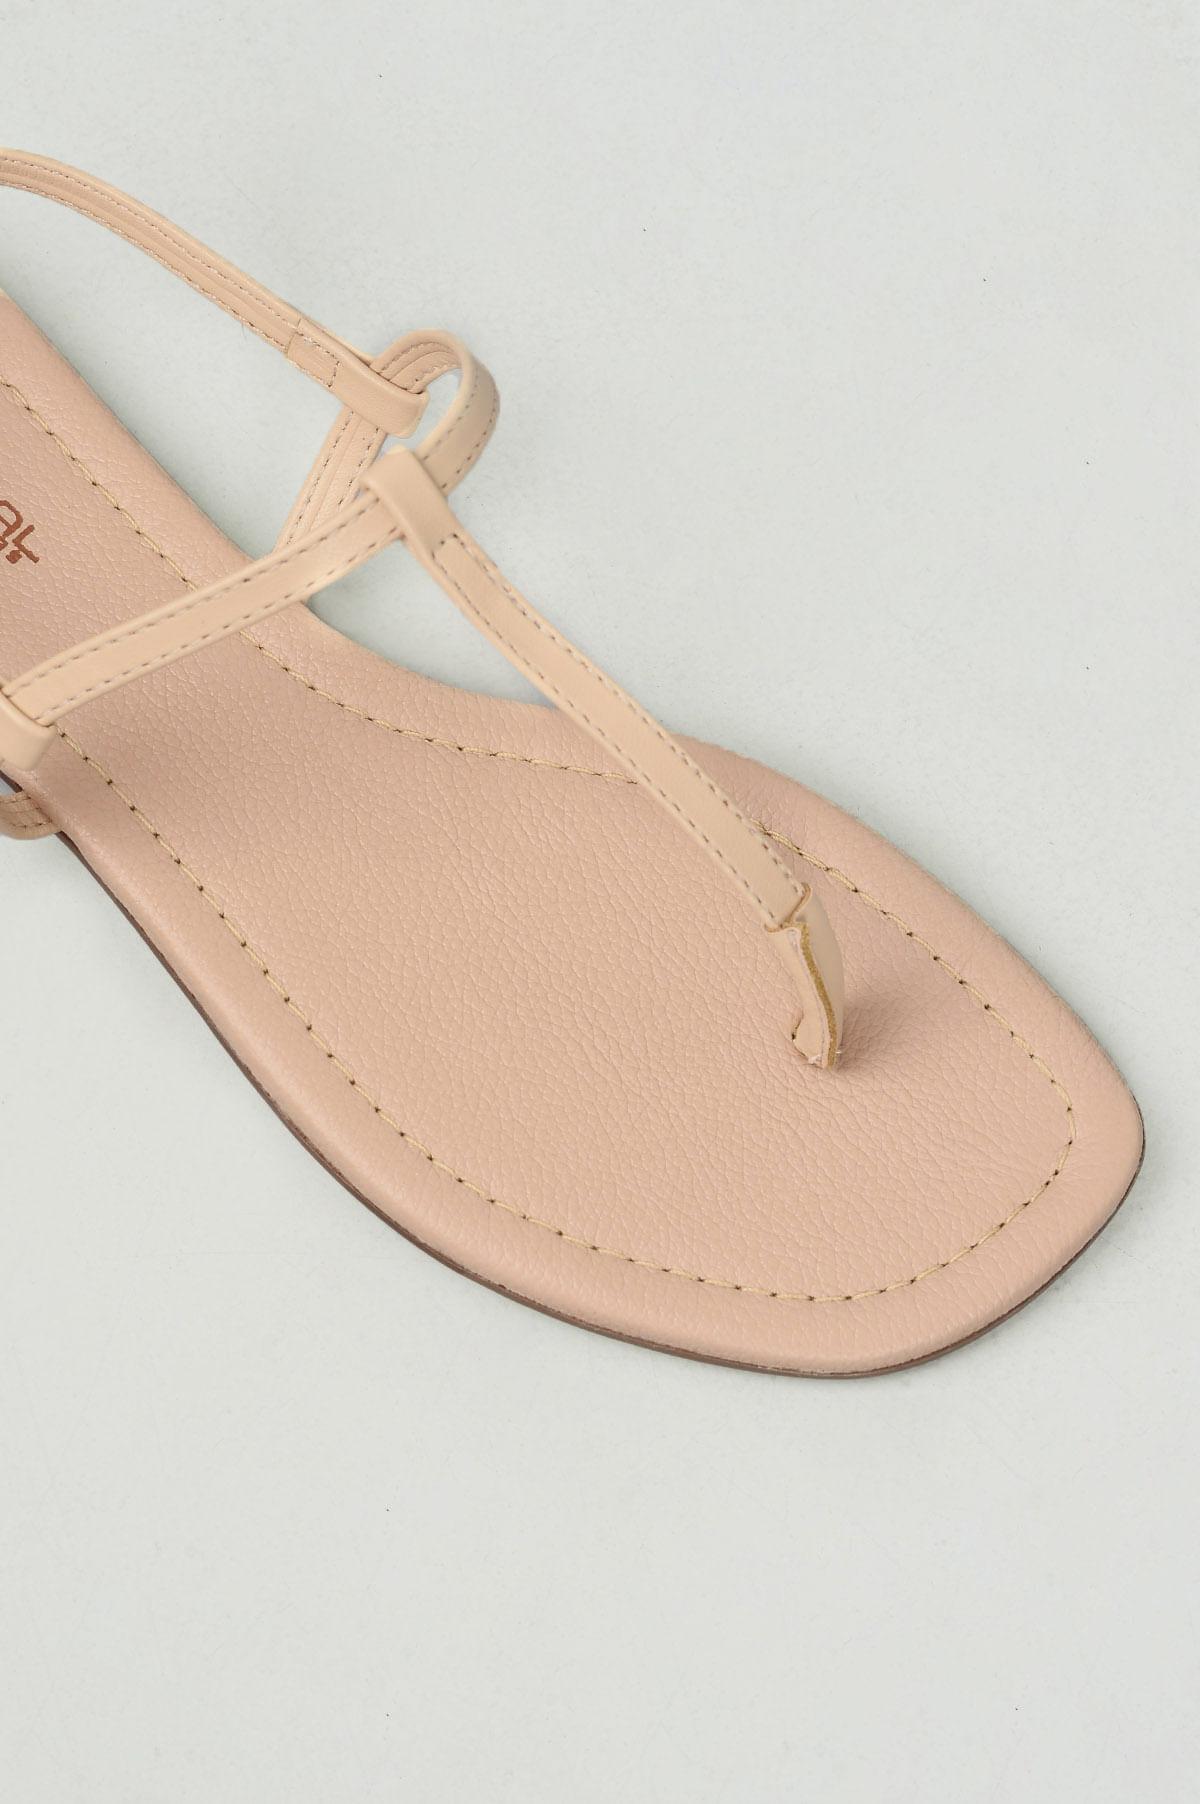 db4709a2a Sandália Feminina Rasteira Naty Mundial DIVERSOS NUDE - Mundial Calçados